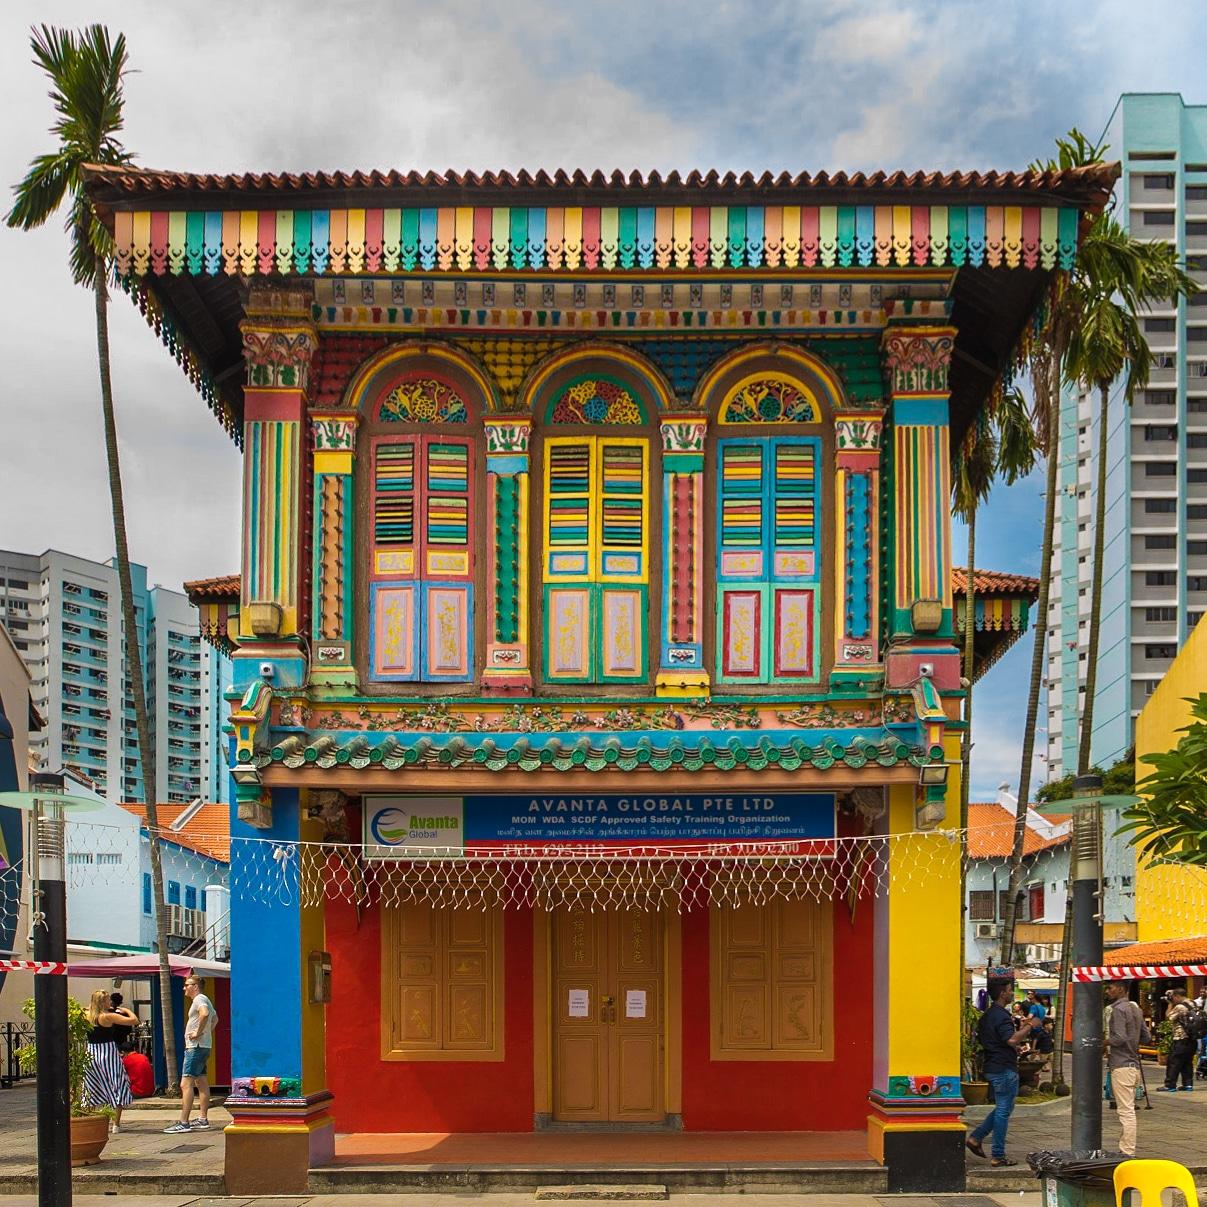 Tan Teng Niah, Singapore